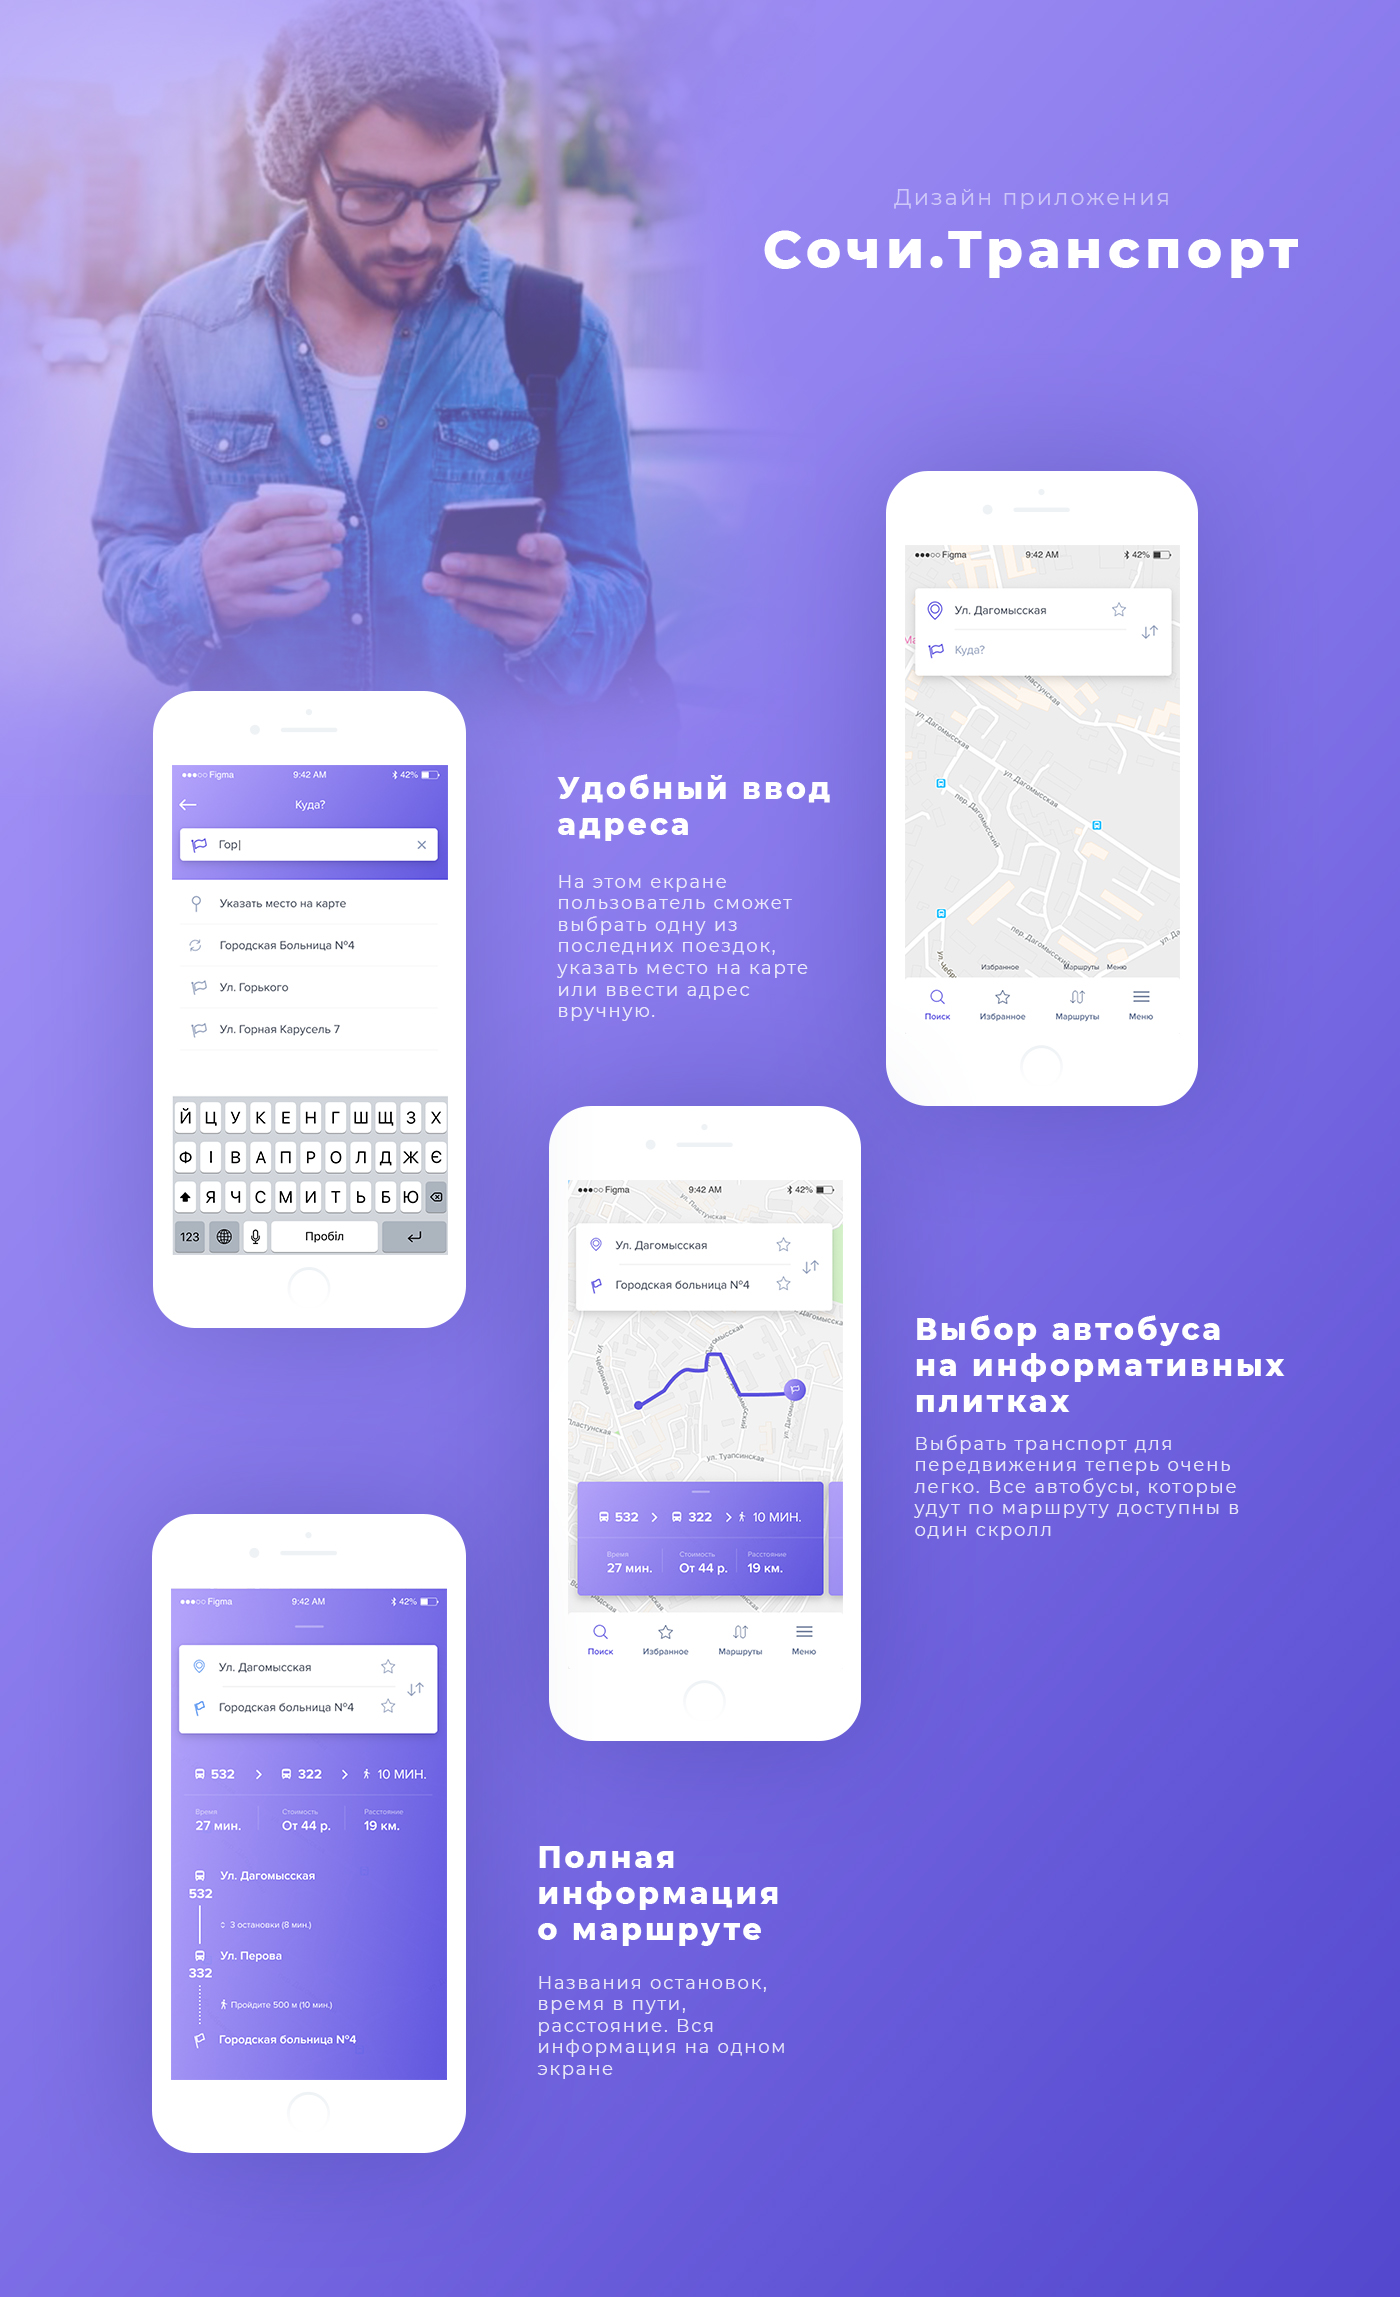 Дизайн-концепция мобильного приложения (3 экрана) фото f_8425b7ca4e13d1a8.jpg